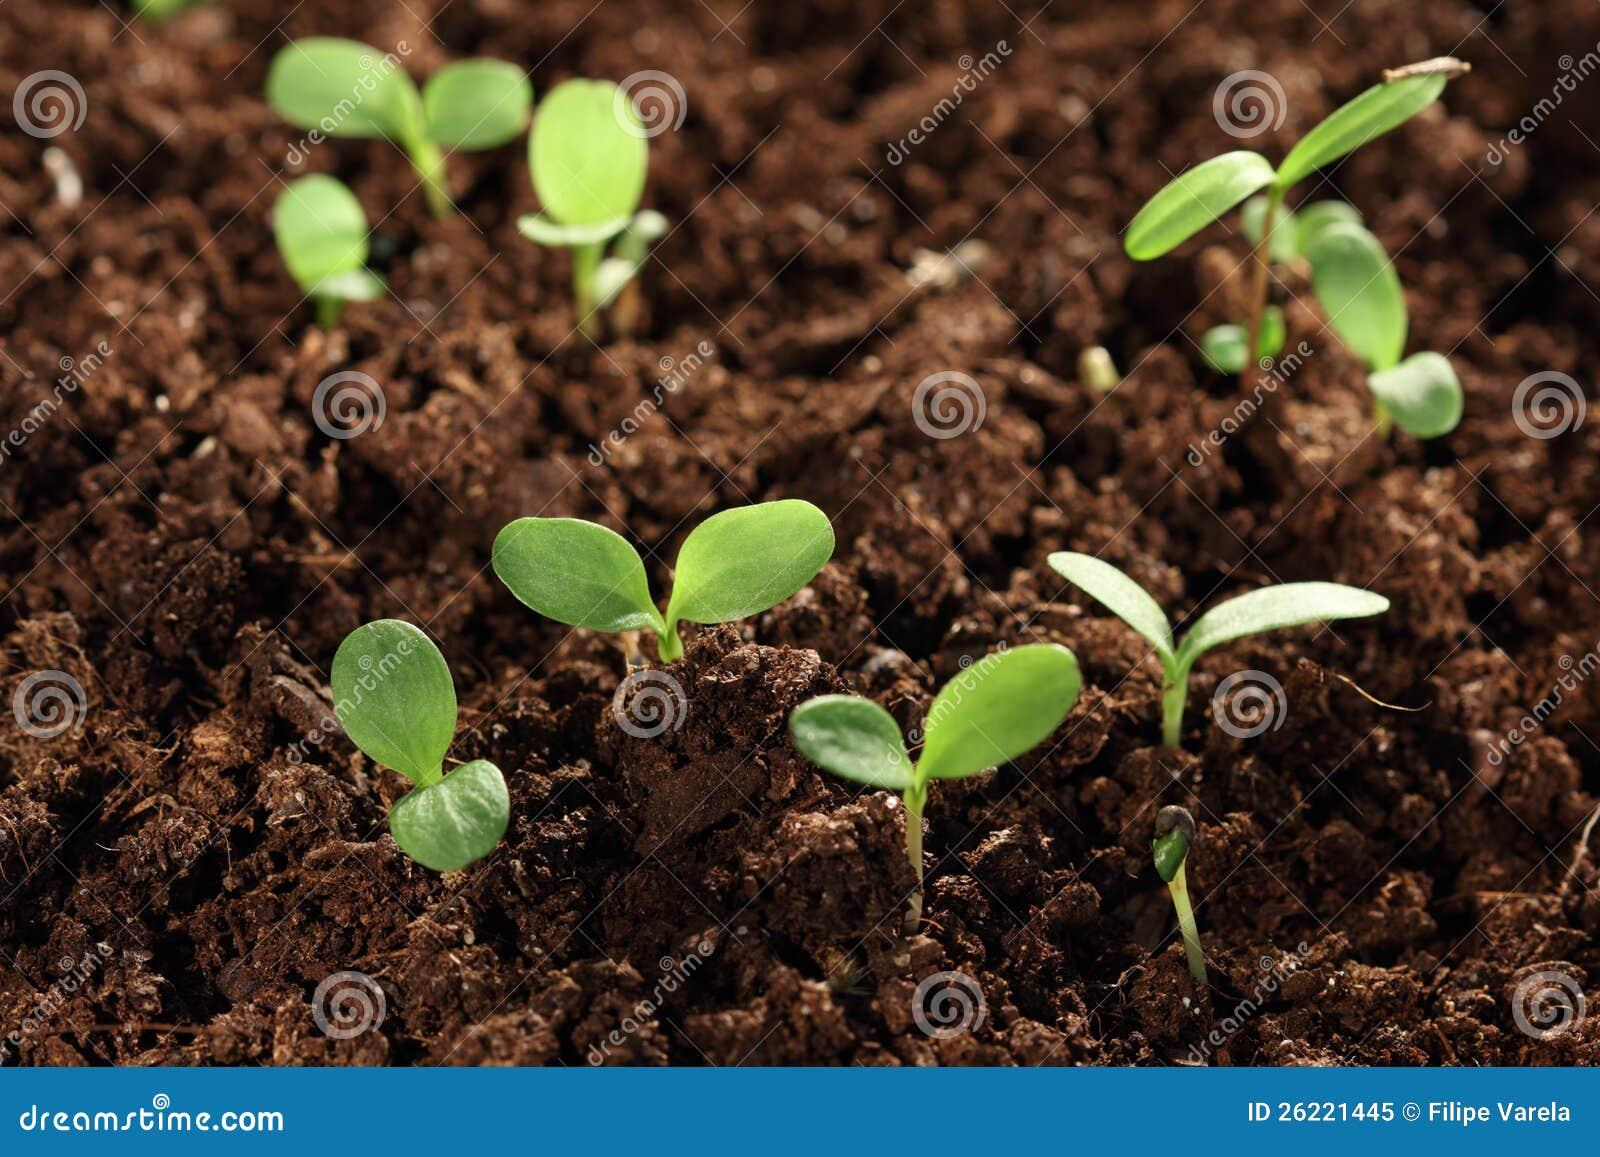 Seedling plants in soil